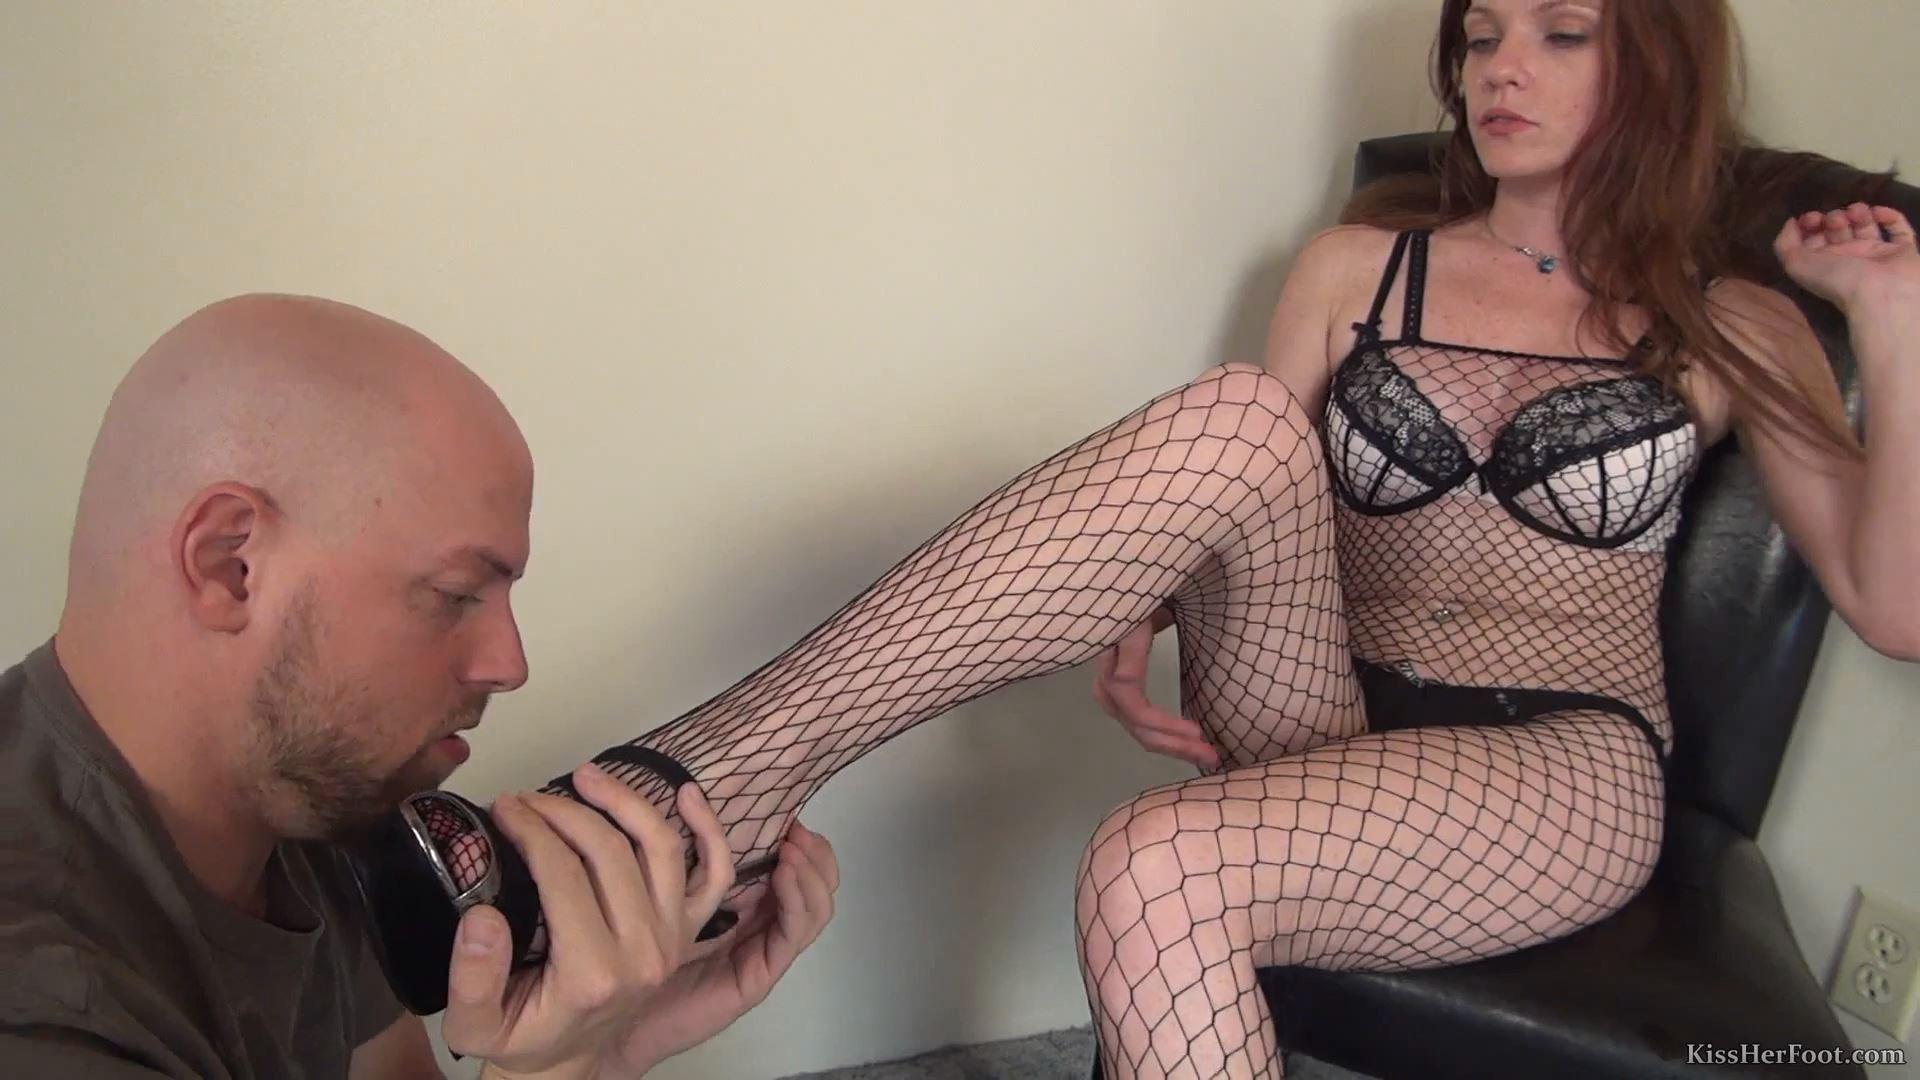 Stocking worship with sexy Kassondra Raine - KISSHERFOOT - FULL HD/1080p/MP4